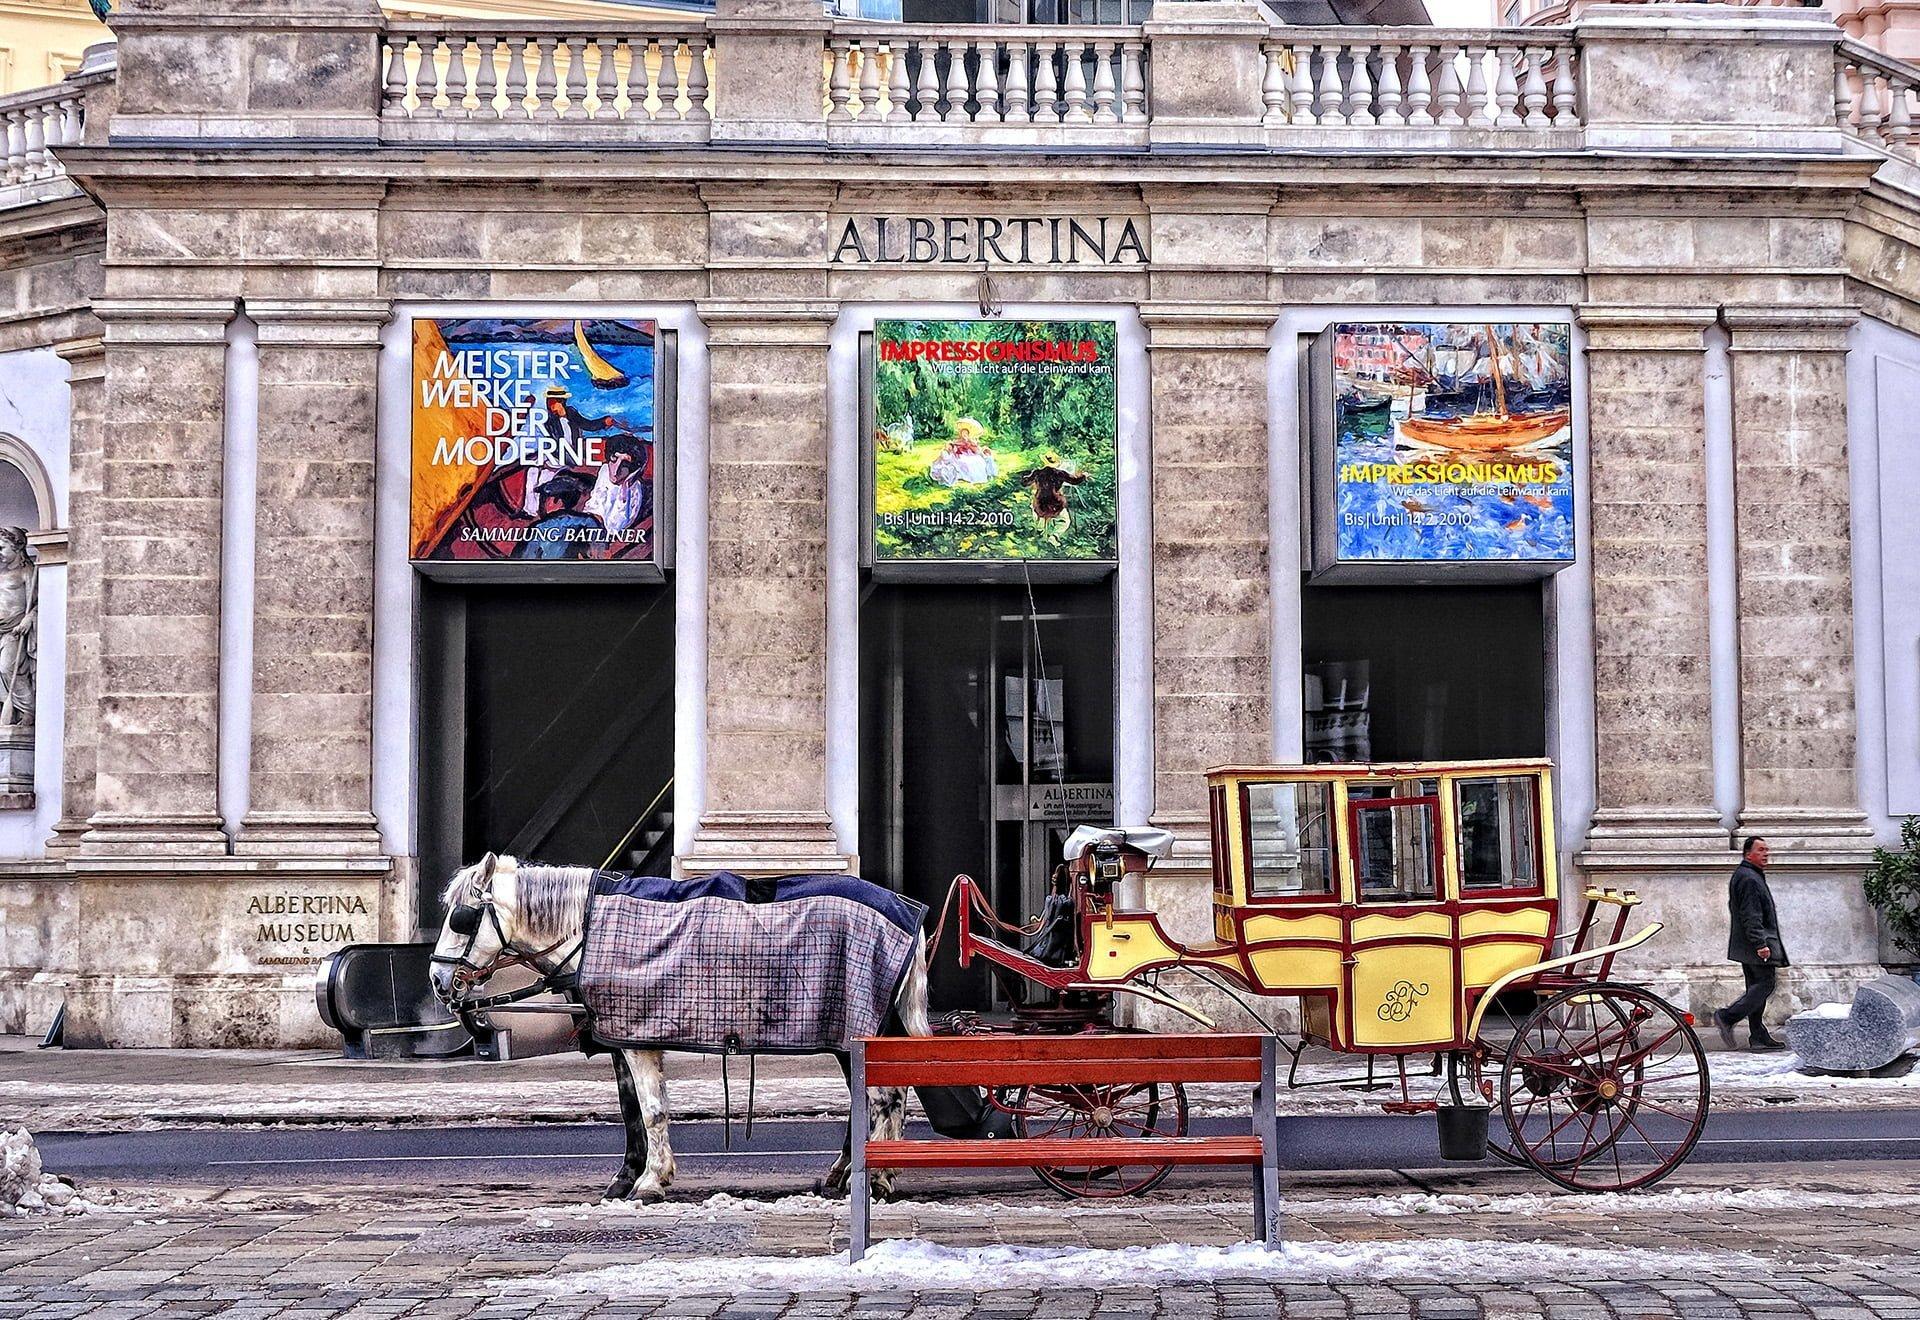 albertina müzesi